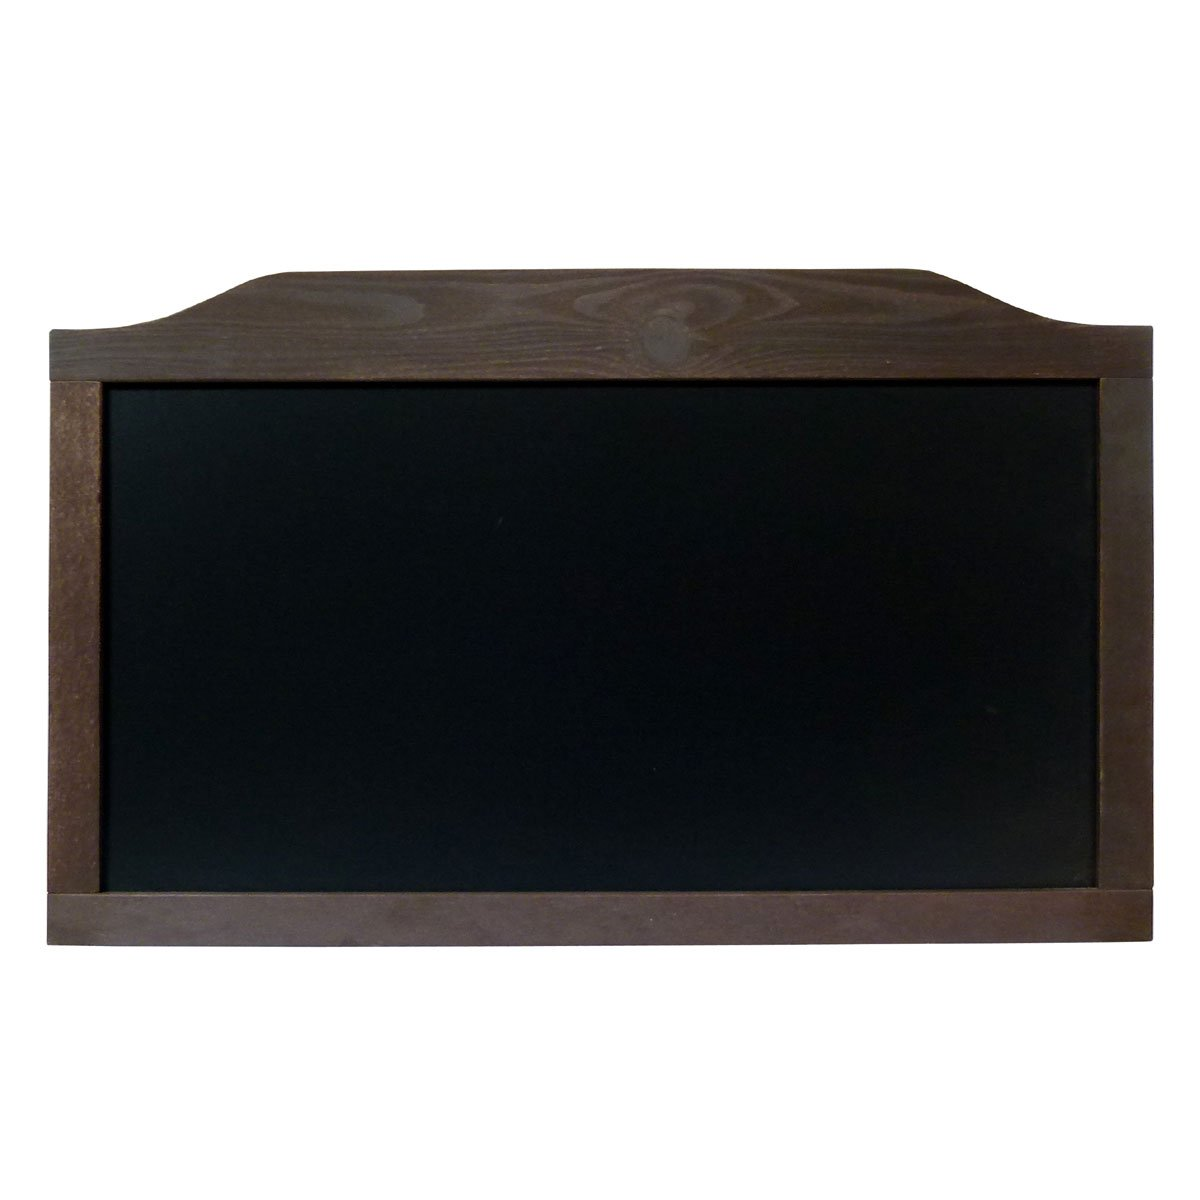 Tafel in schwarzem Holz Tisch für Schreibtisch Pub Restaurant Typ Horizontal